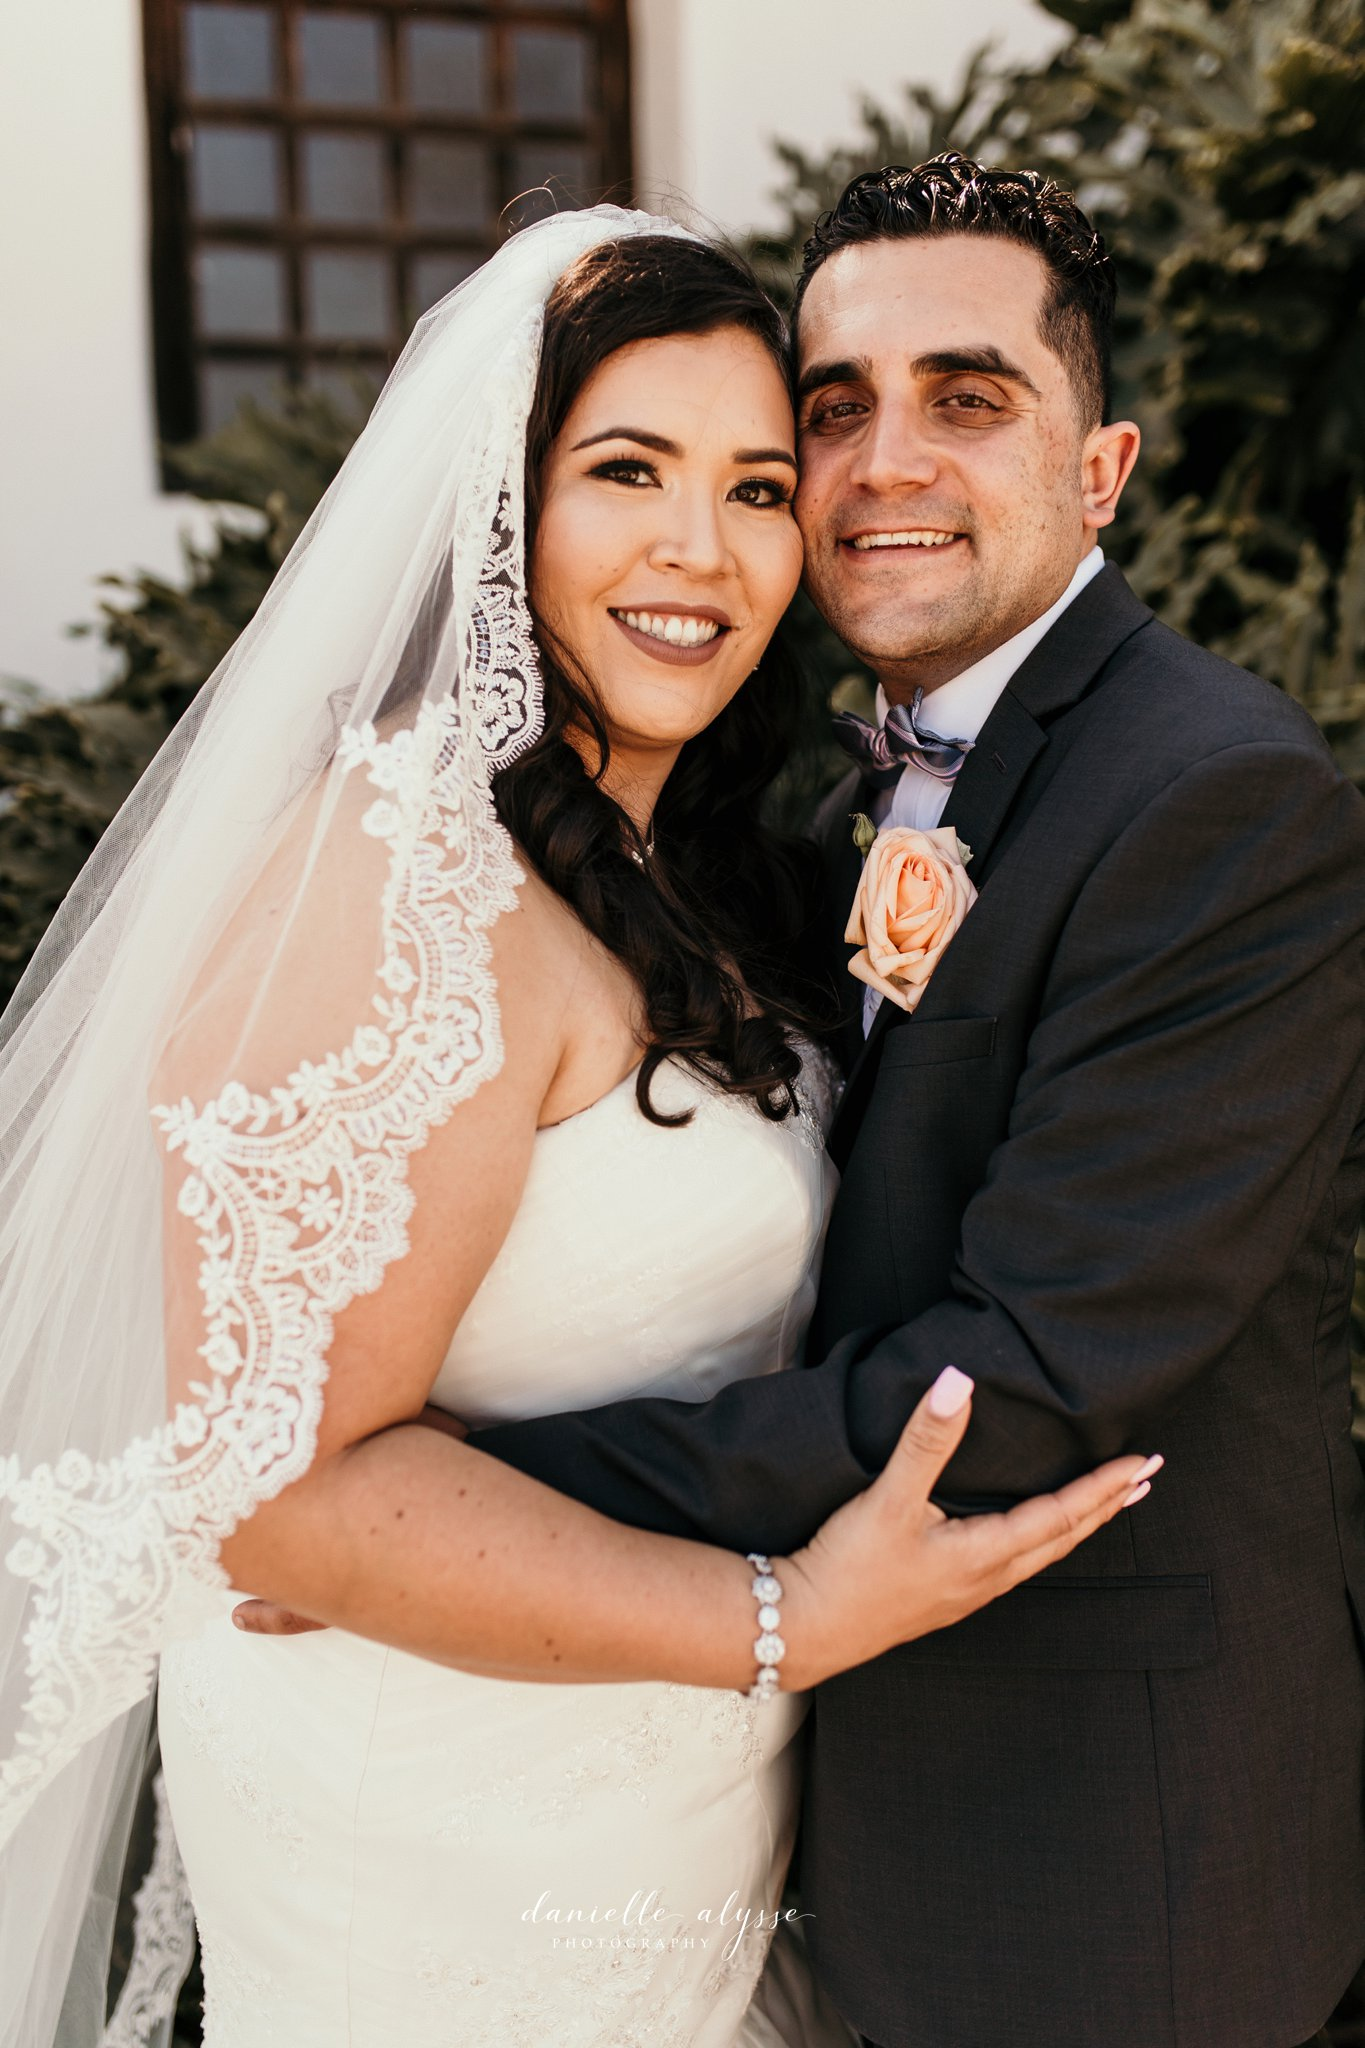 180630_wedding_lily_ryan_mission_soledad_california_danielle_alysse_photography_blog_687_WEB.jpg